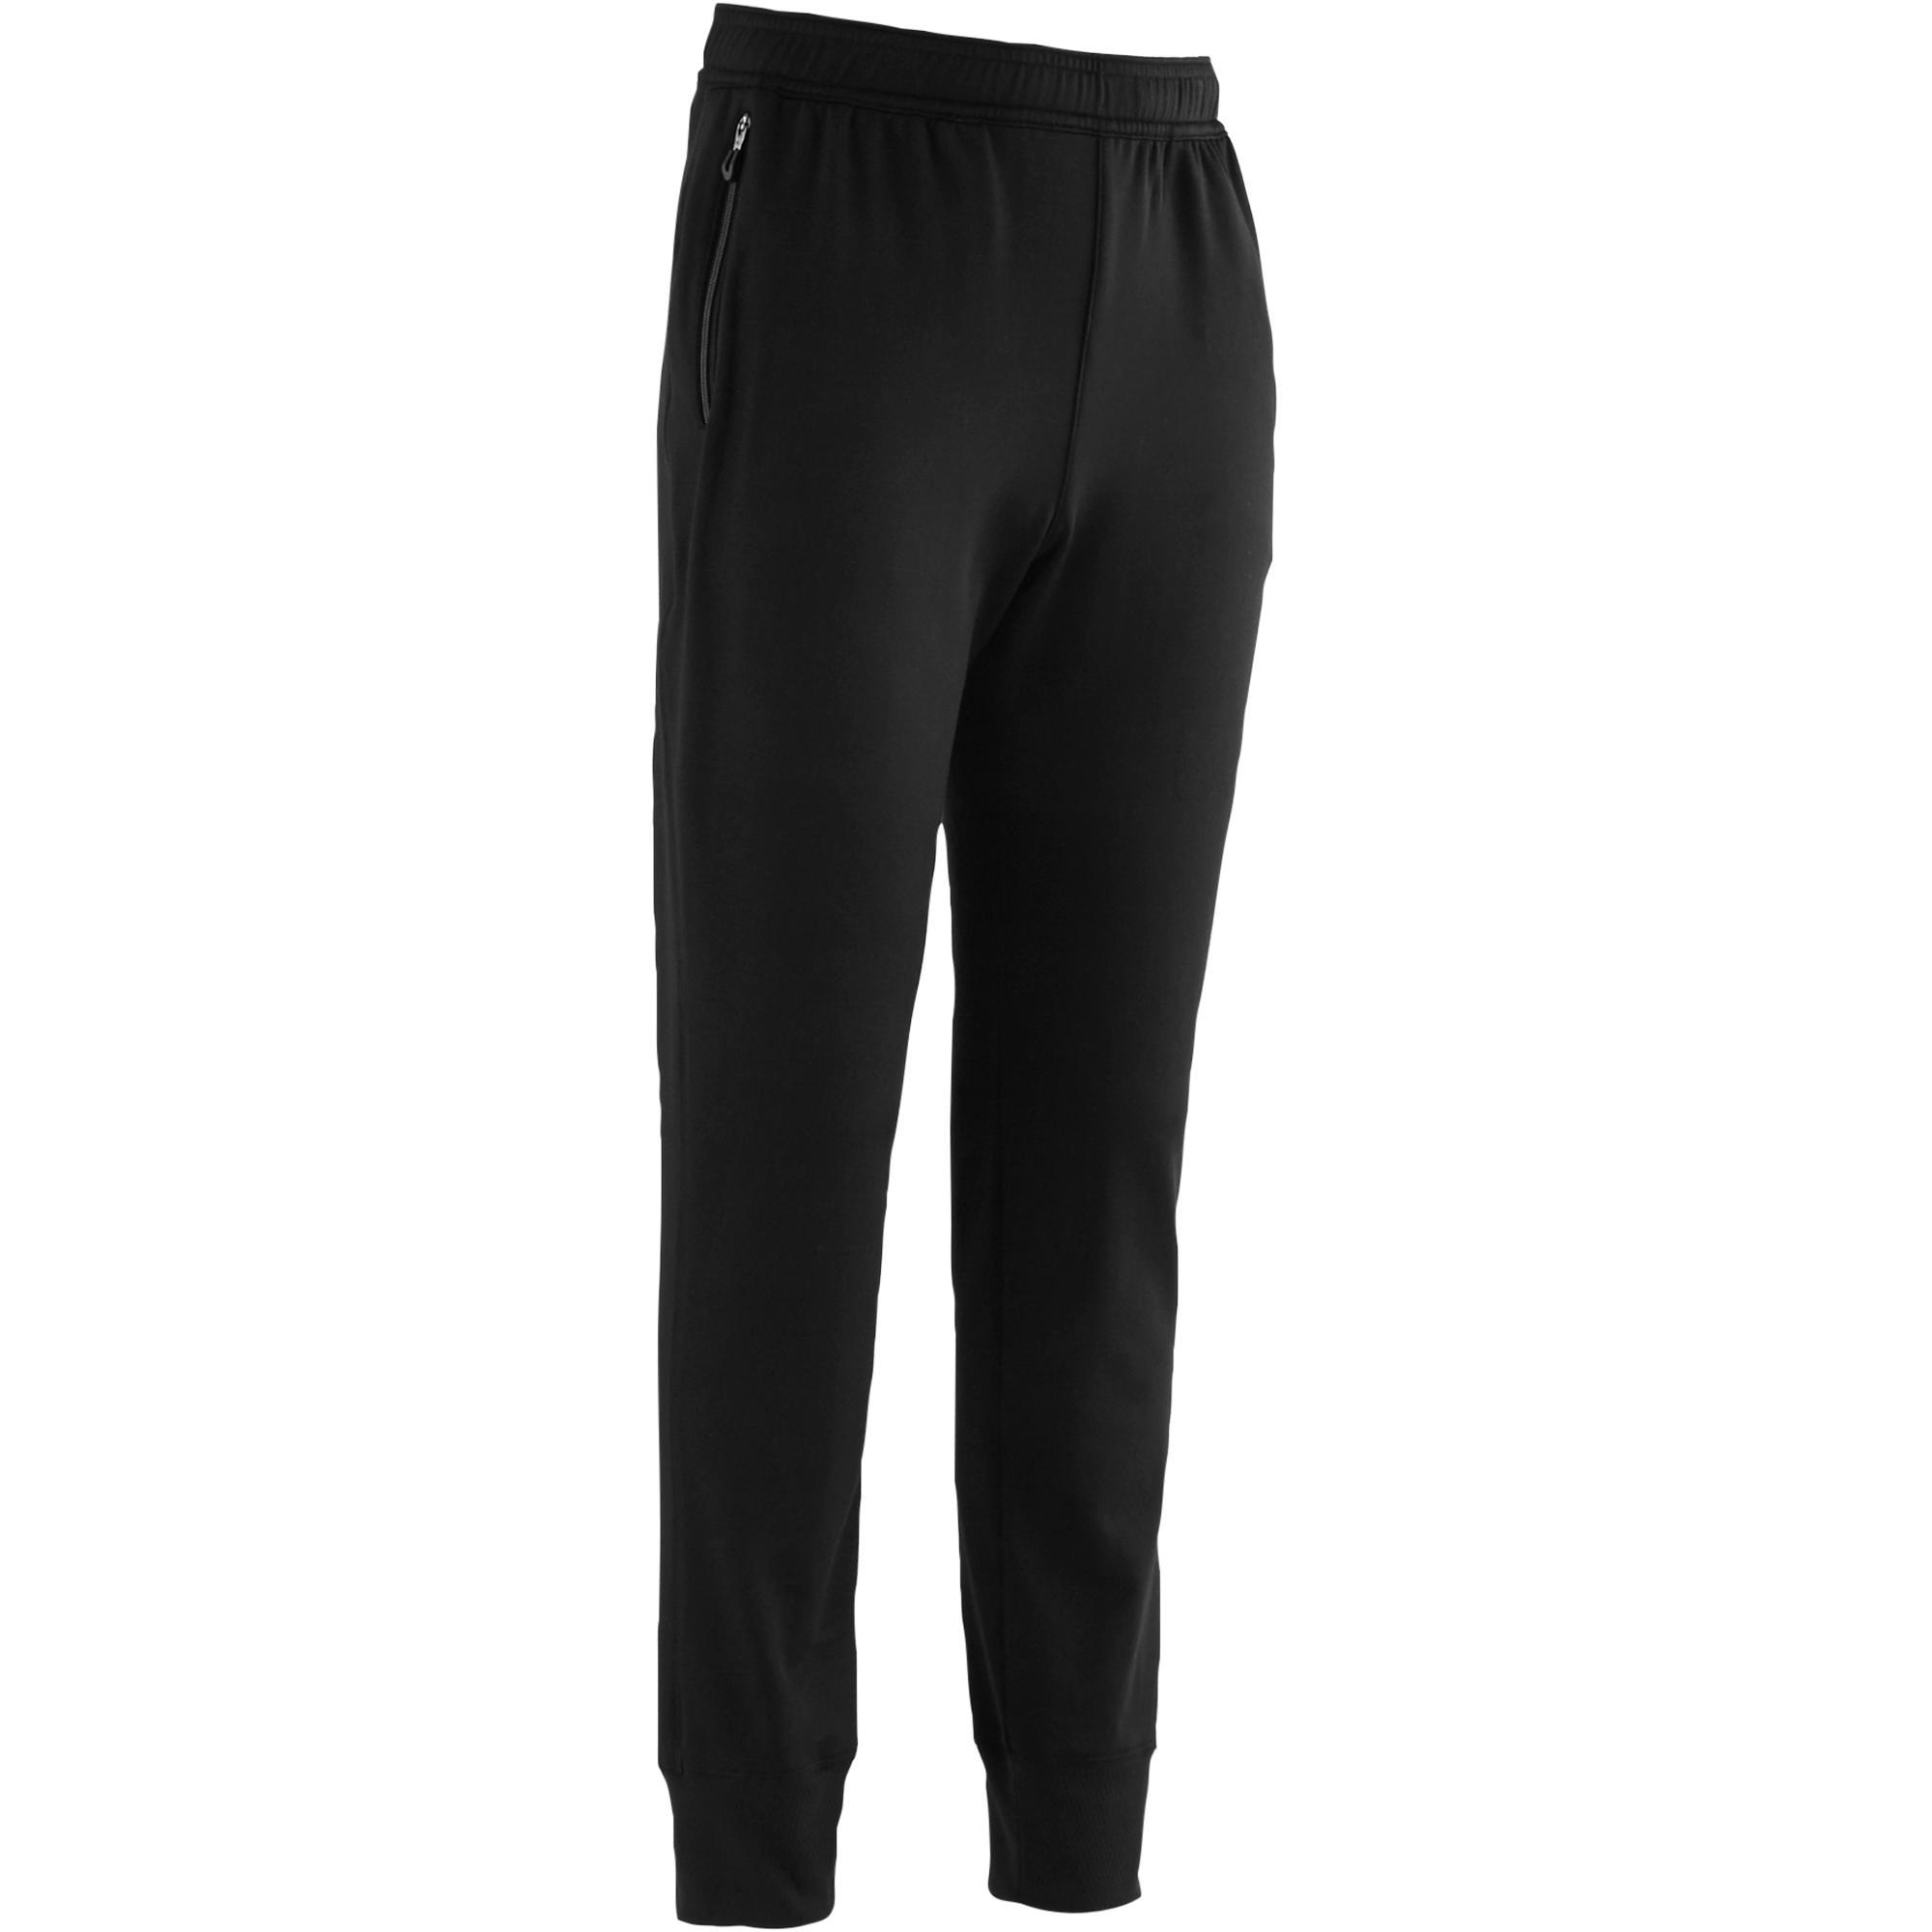 Pantalon S500 Băieți Domyos Promoție